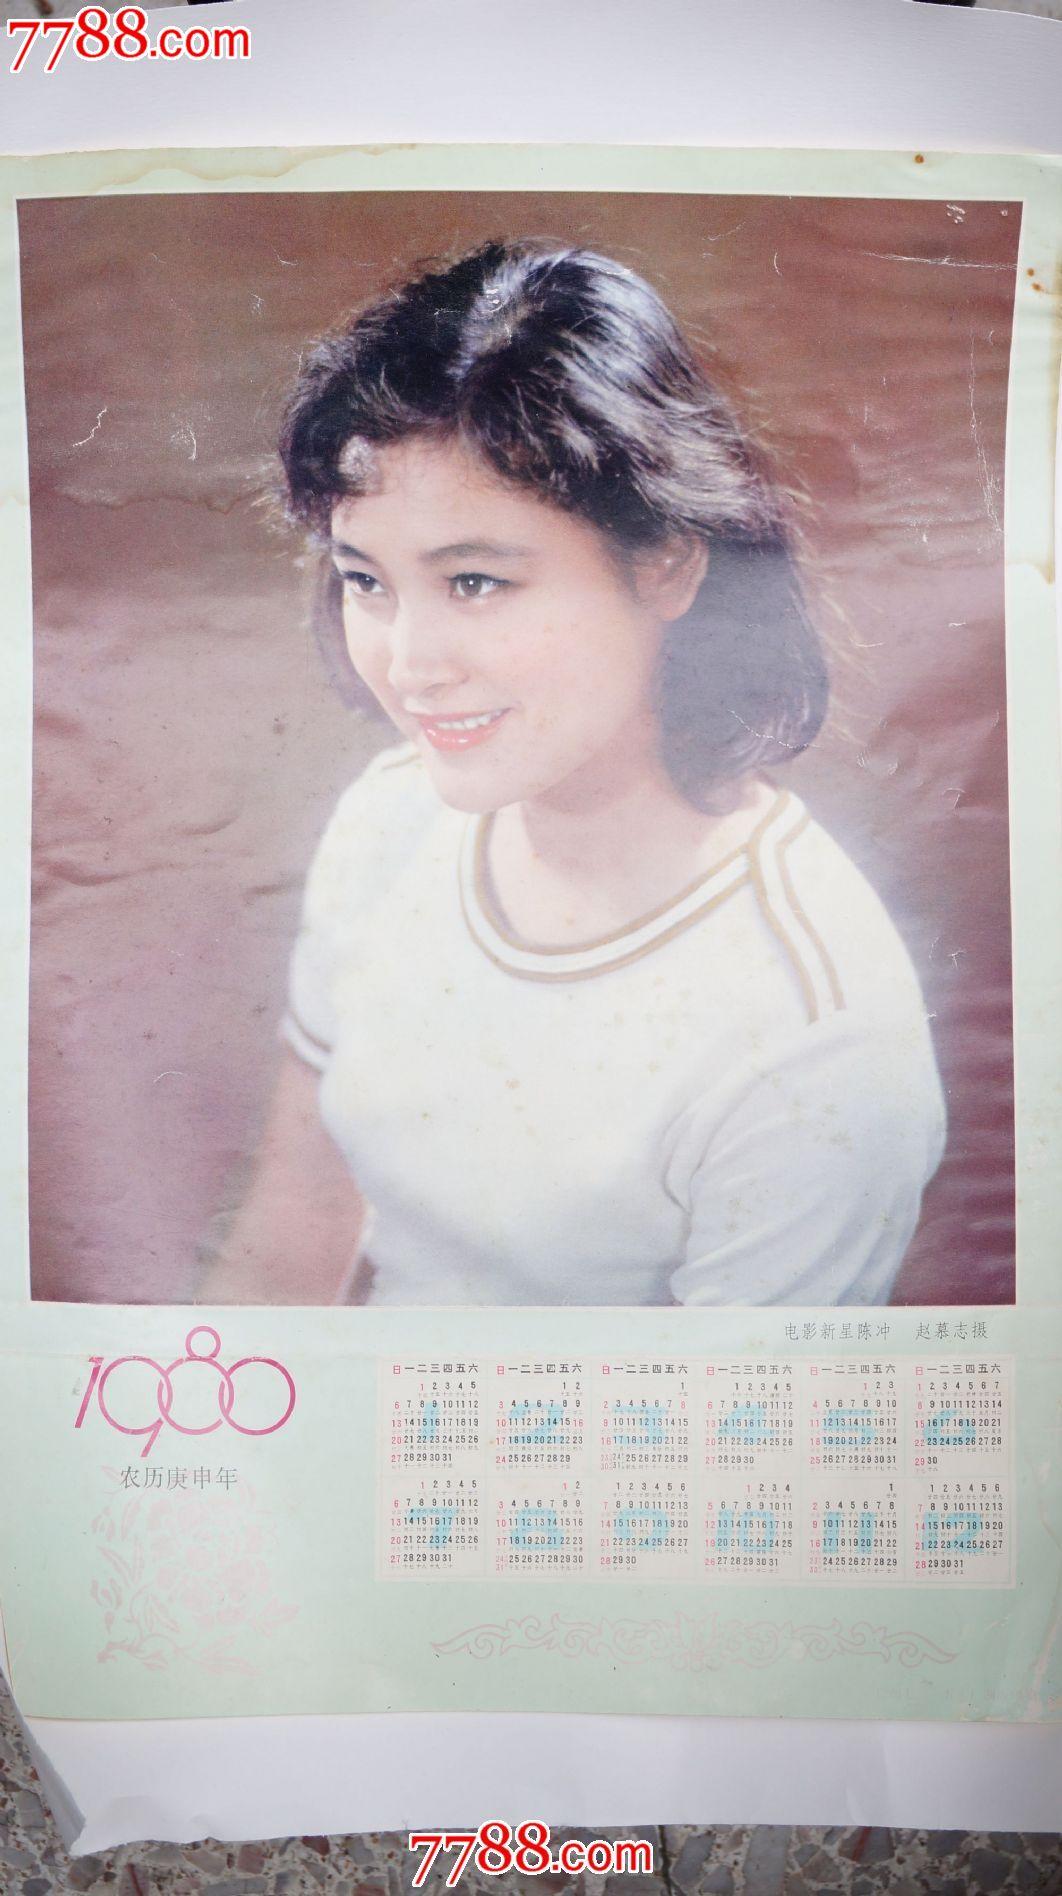 店内编号:au1980 品种: 挂历/台历-挂历/台历 属性: 挂历,,80-89年